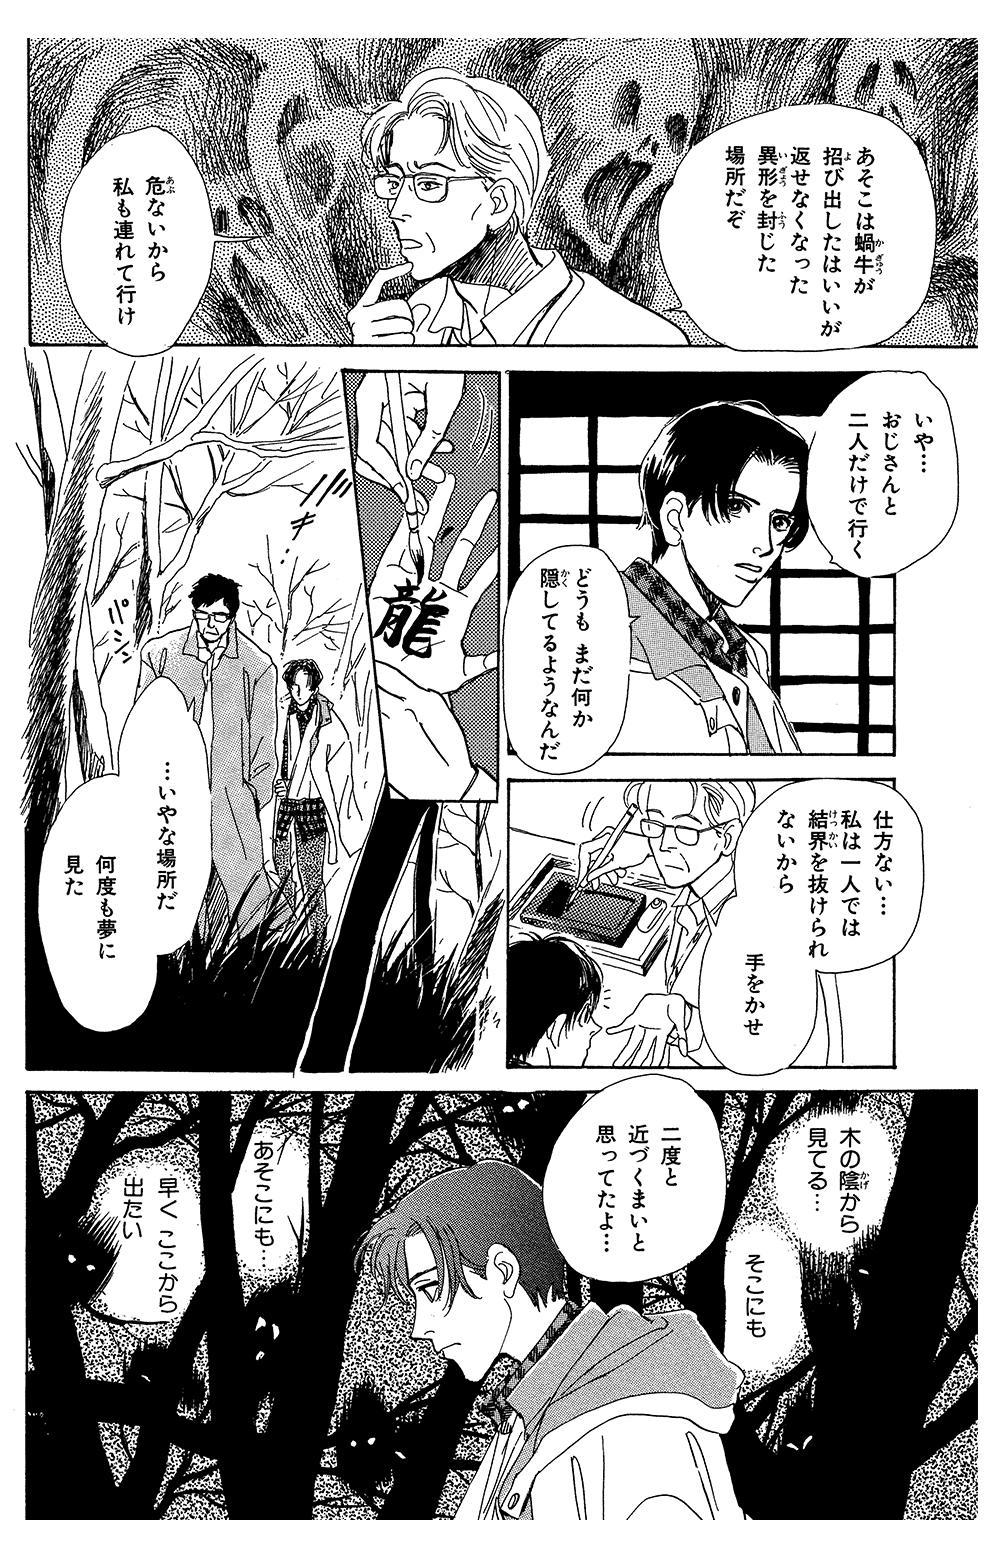 百鬼夜行抄 第1話「闇からの呼び声」④hyakki1-4-13.jpg